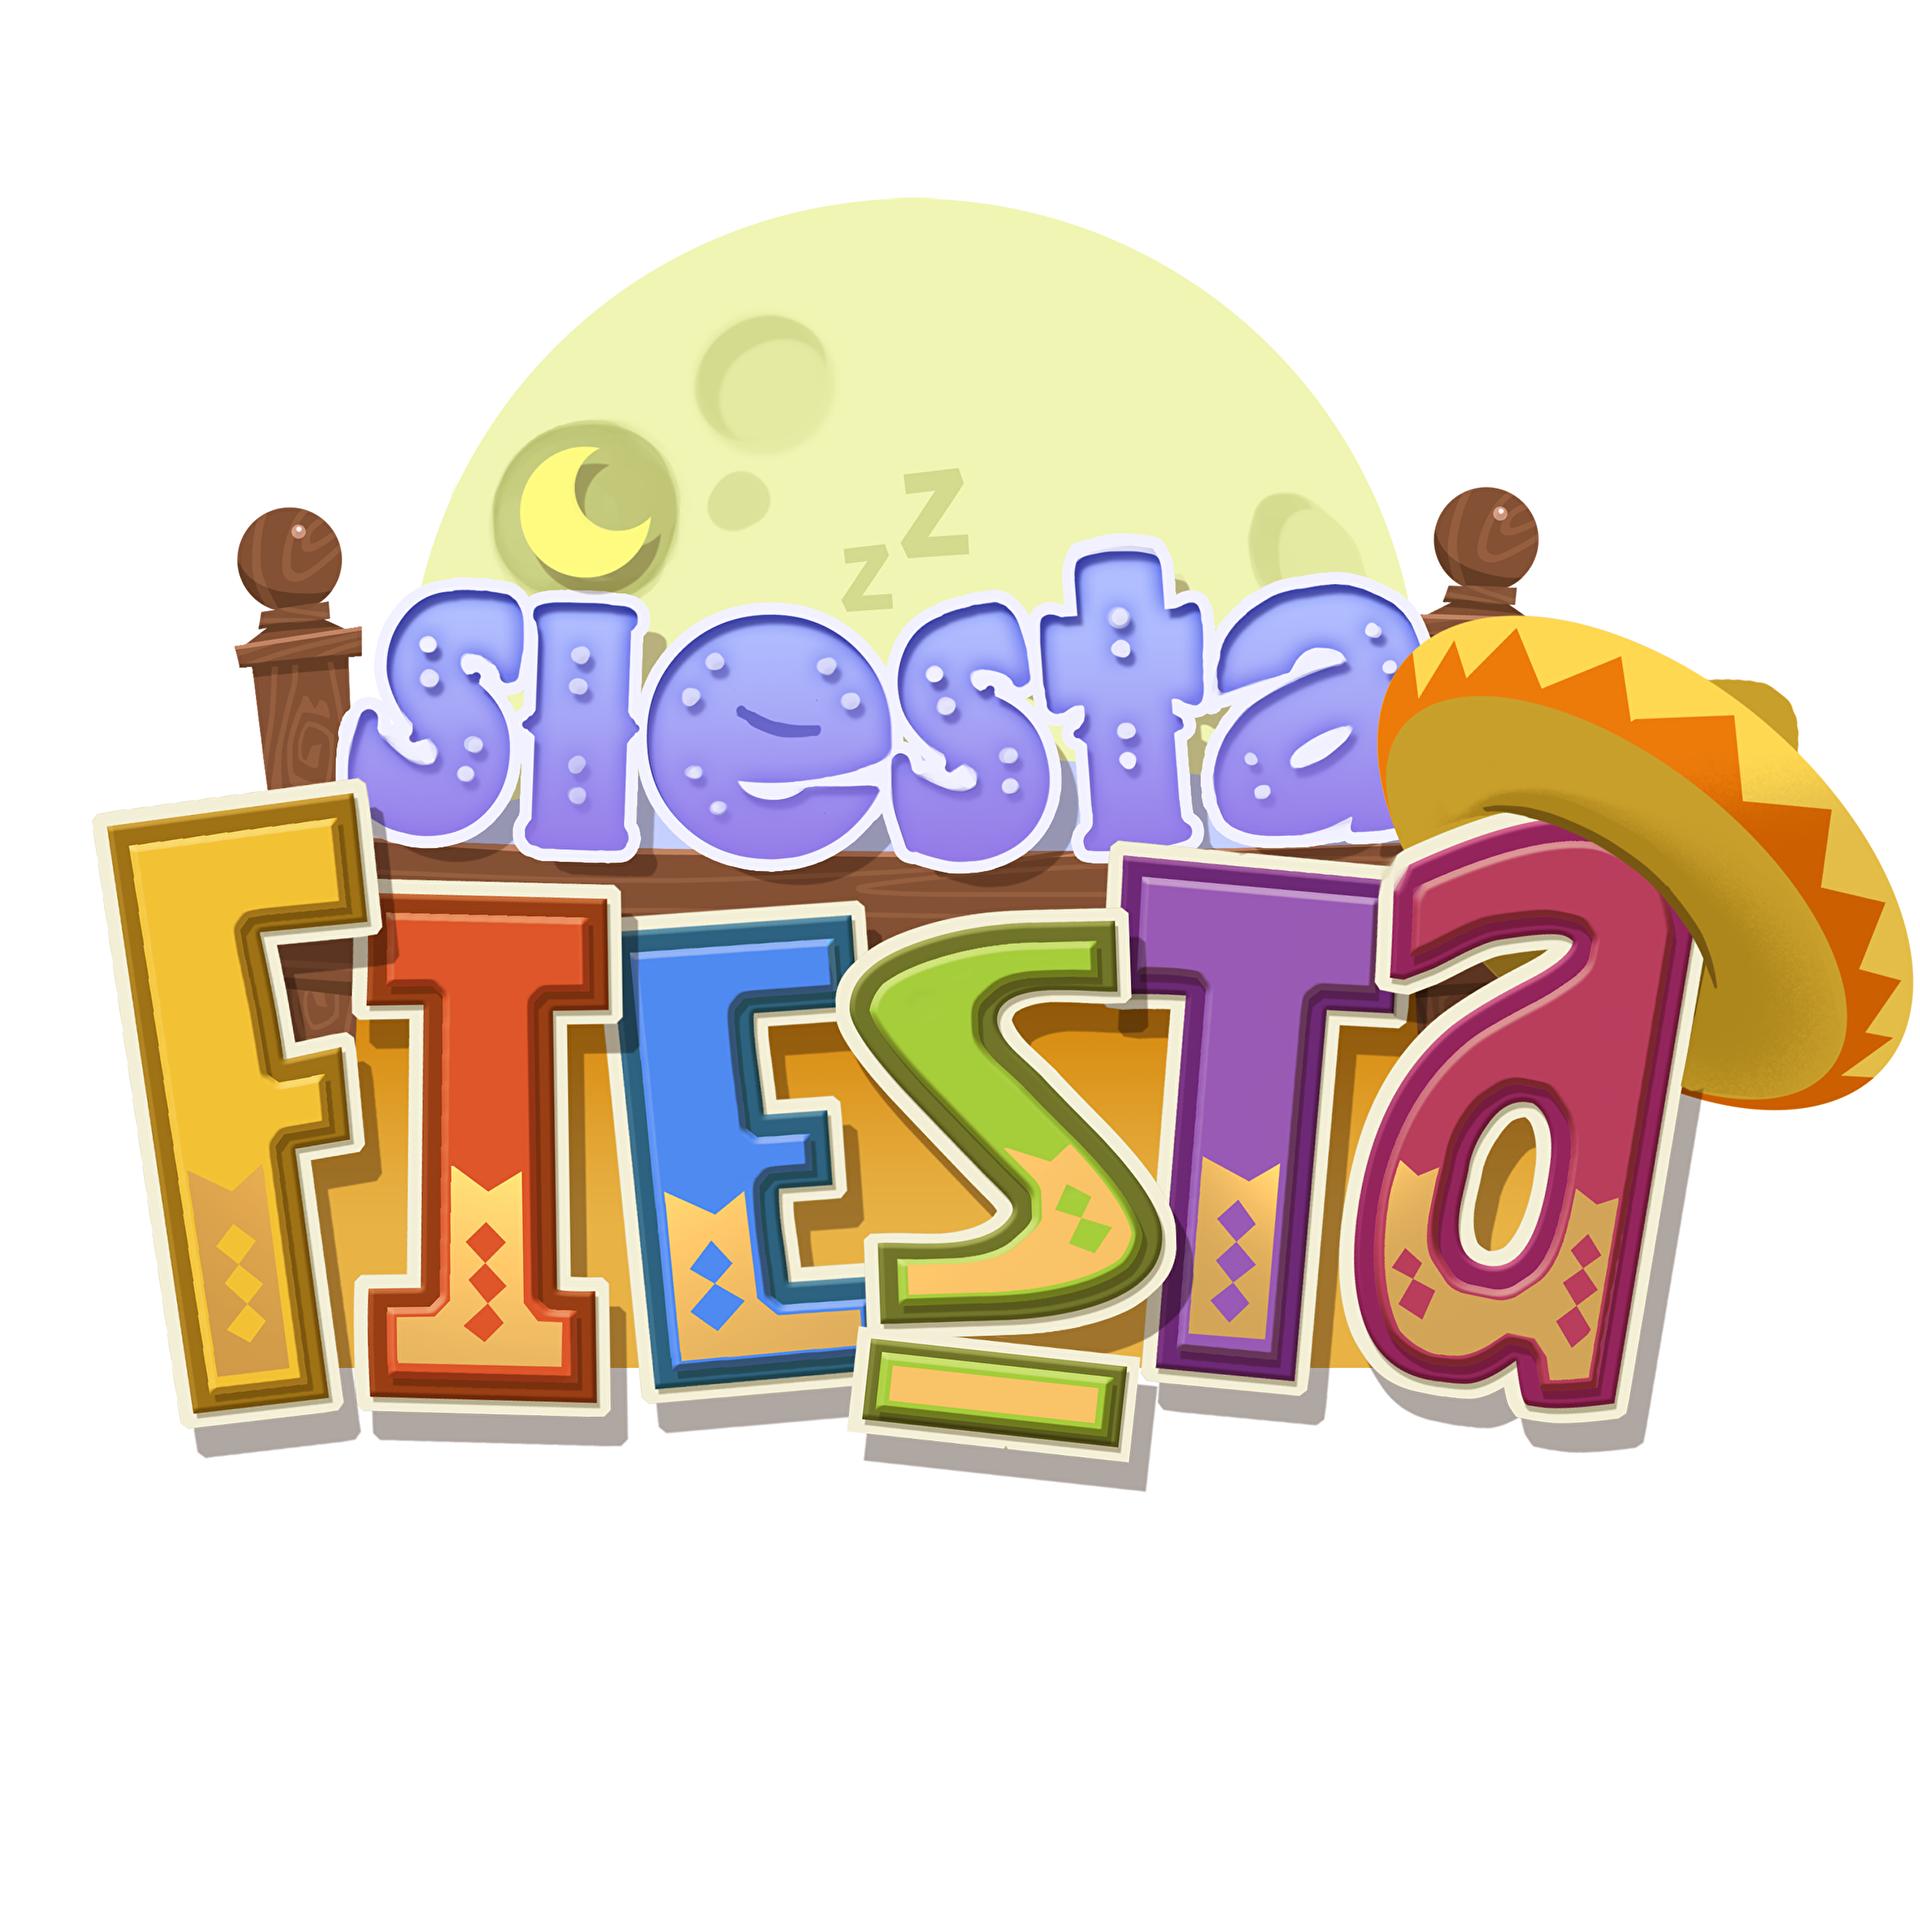 1920x1920 Siesta Fiesta